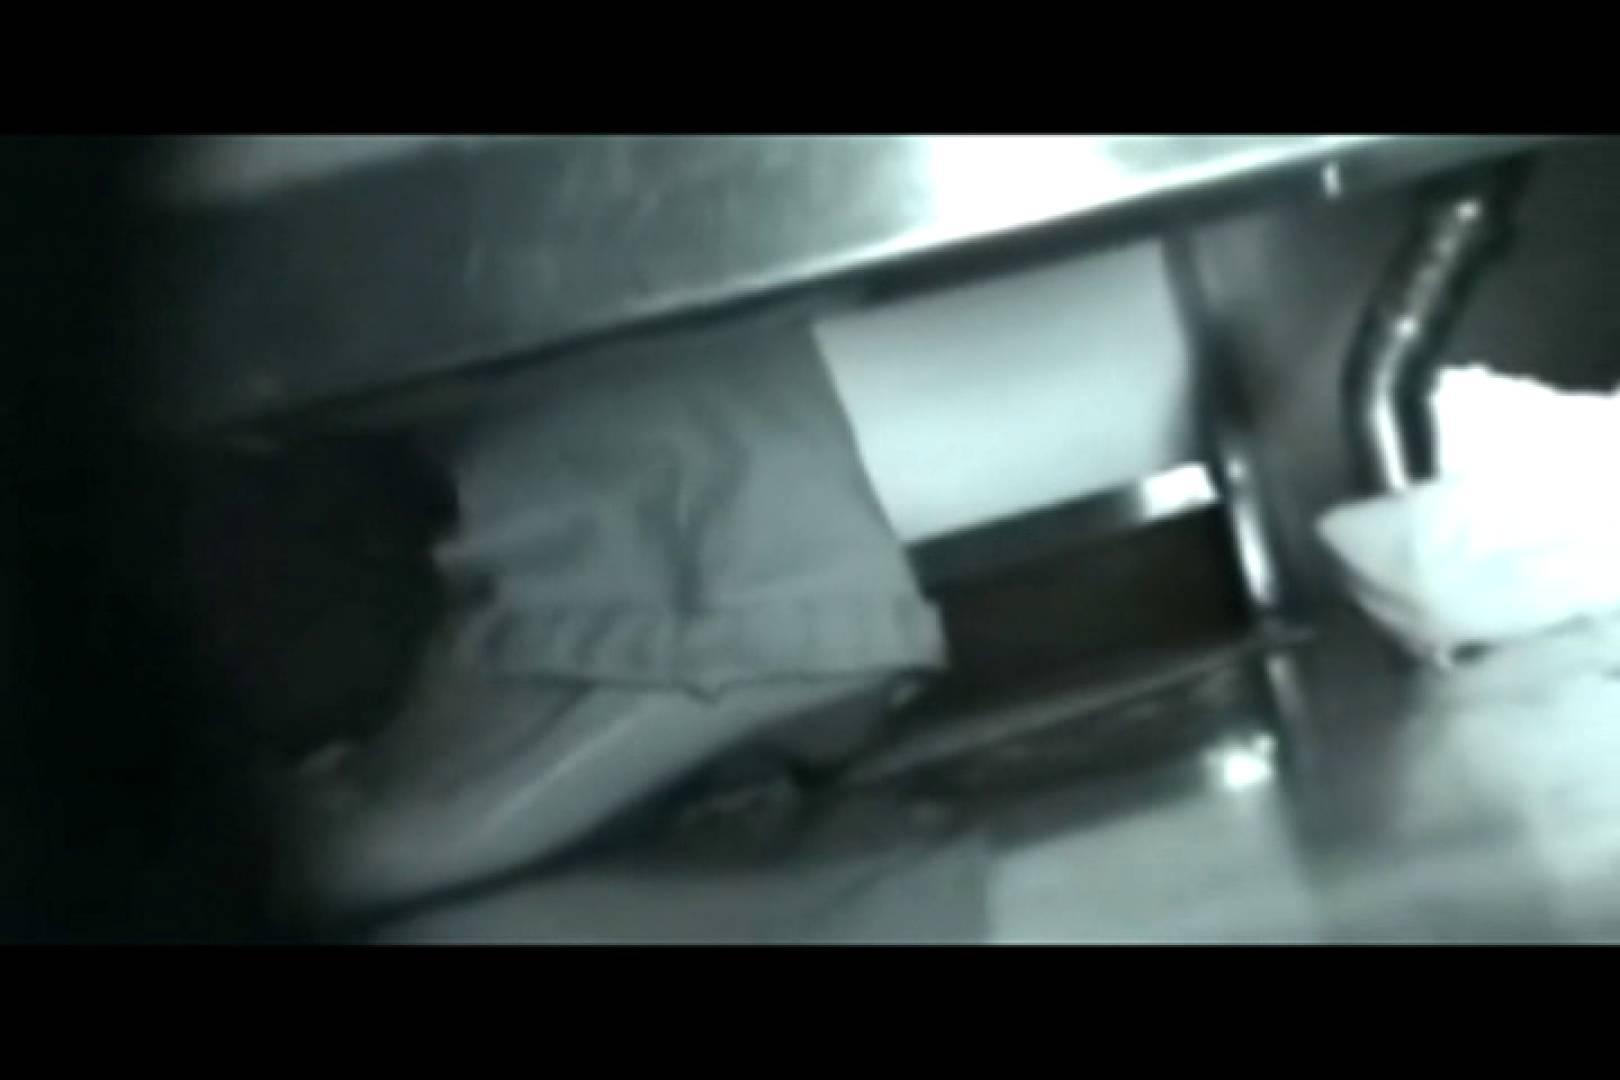 ぼっとん洗面所スペシャルVol.18 生おまんこ   OLエロ画像  63PICs 28